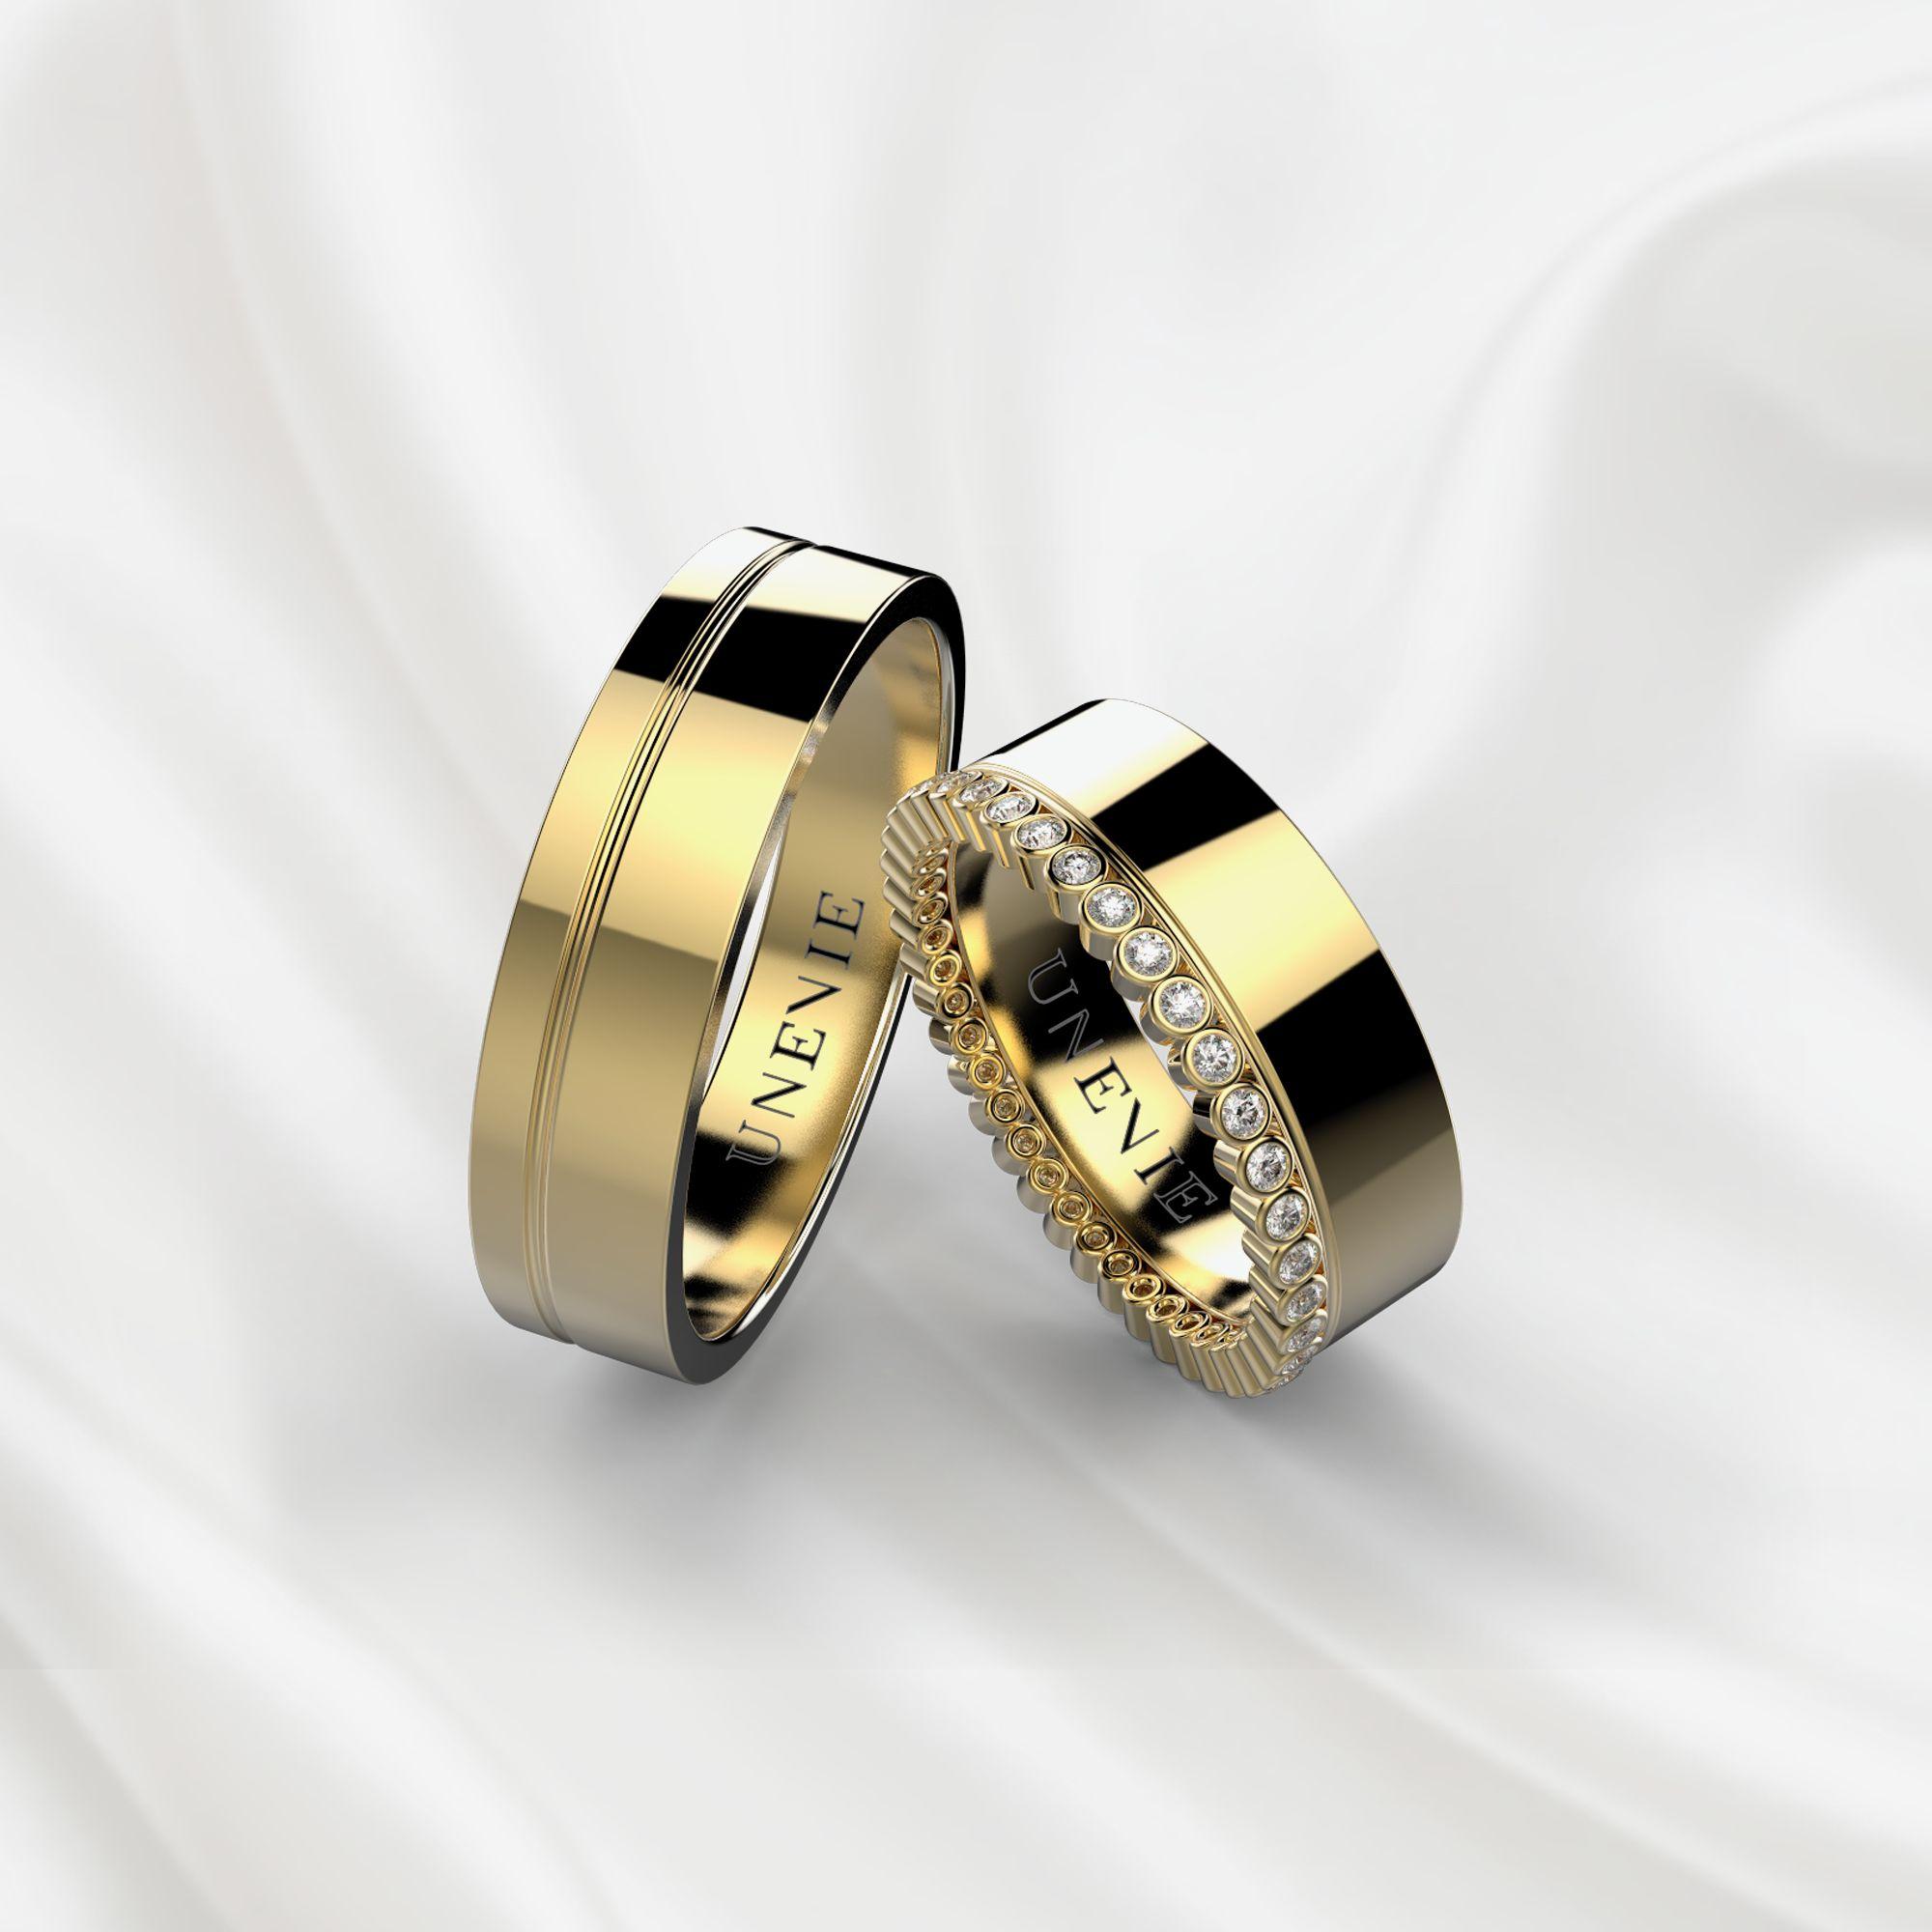 NV1 Обручальные кольца с бриллиантами